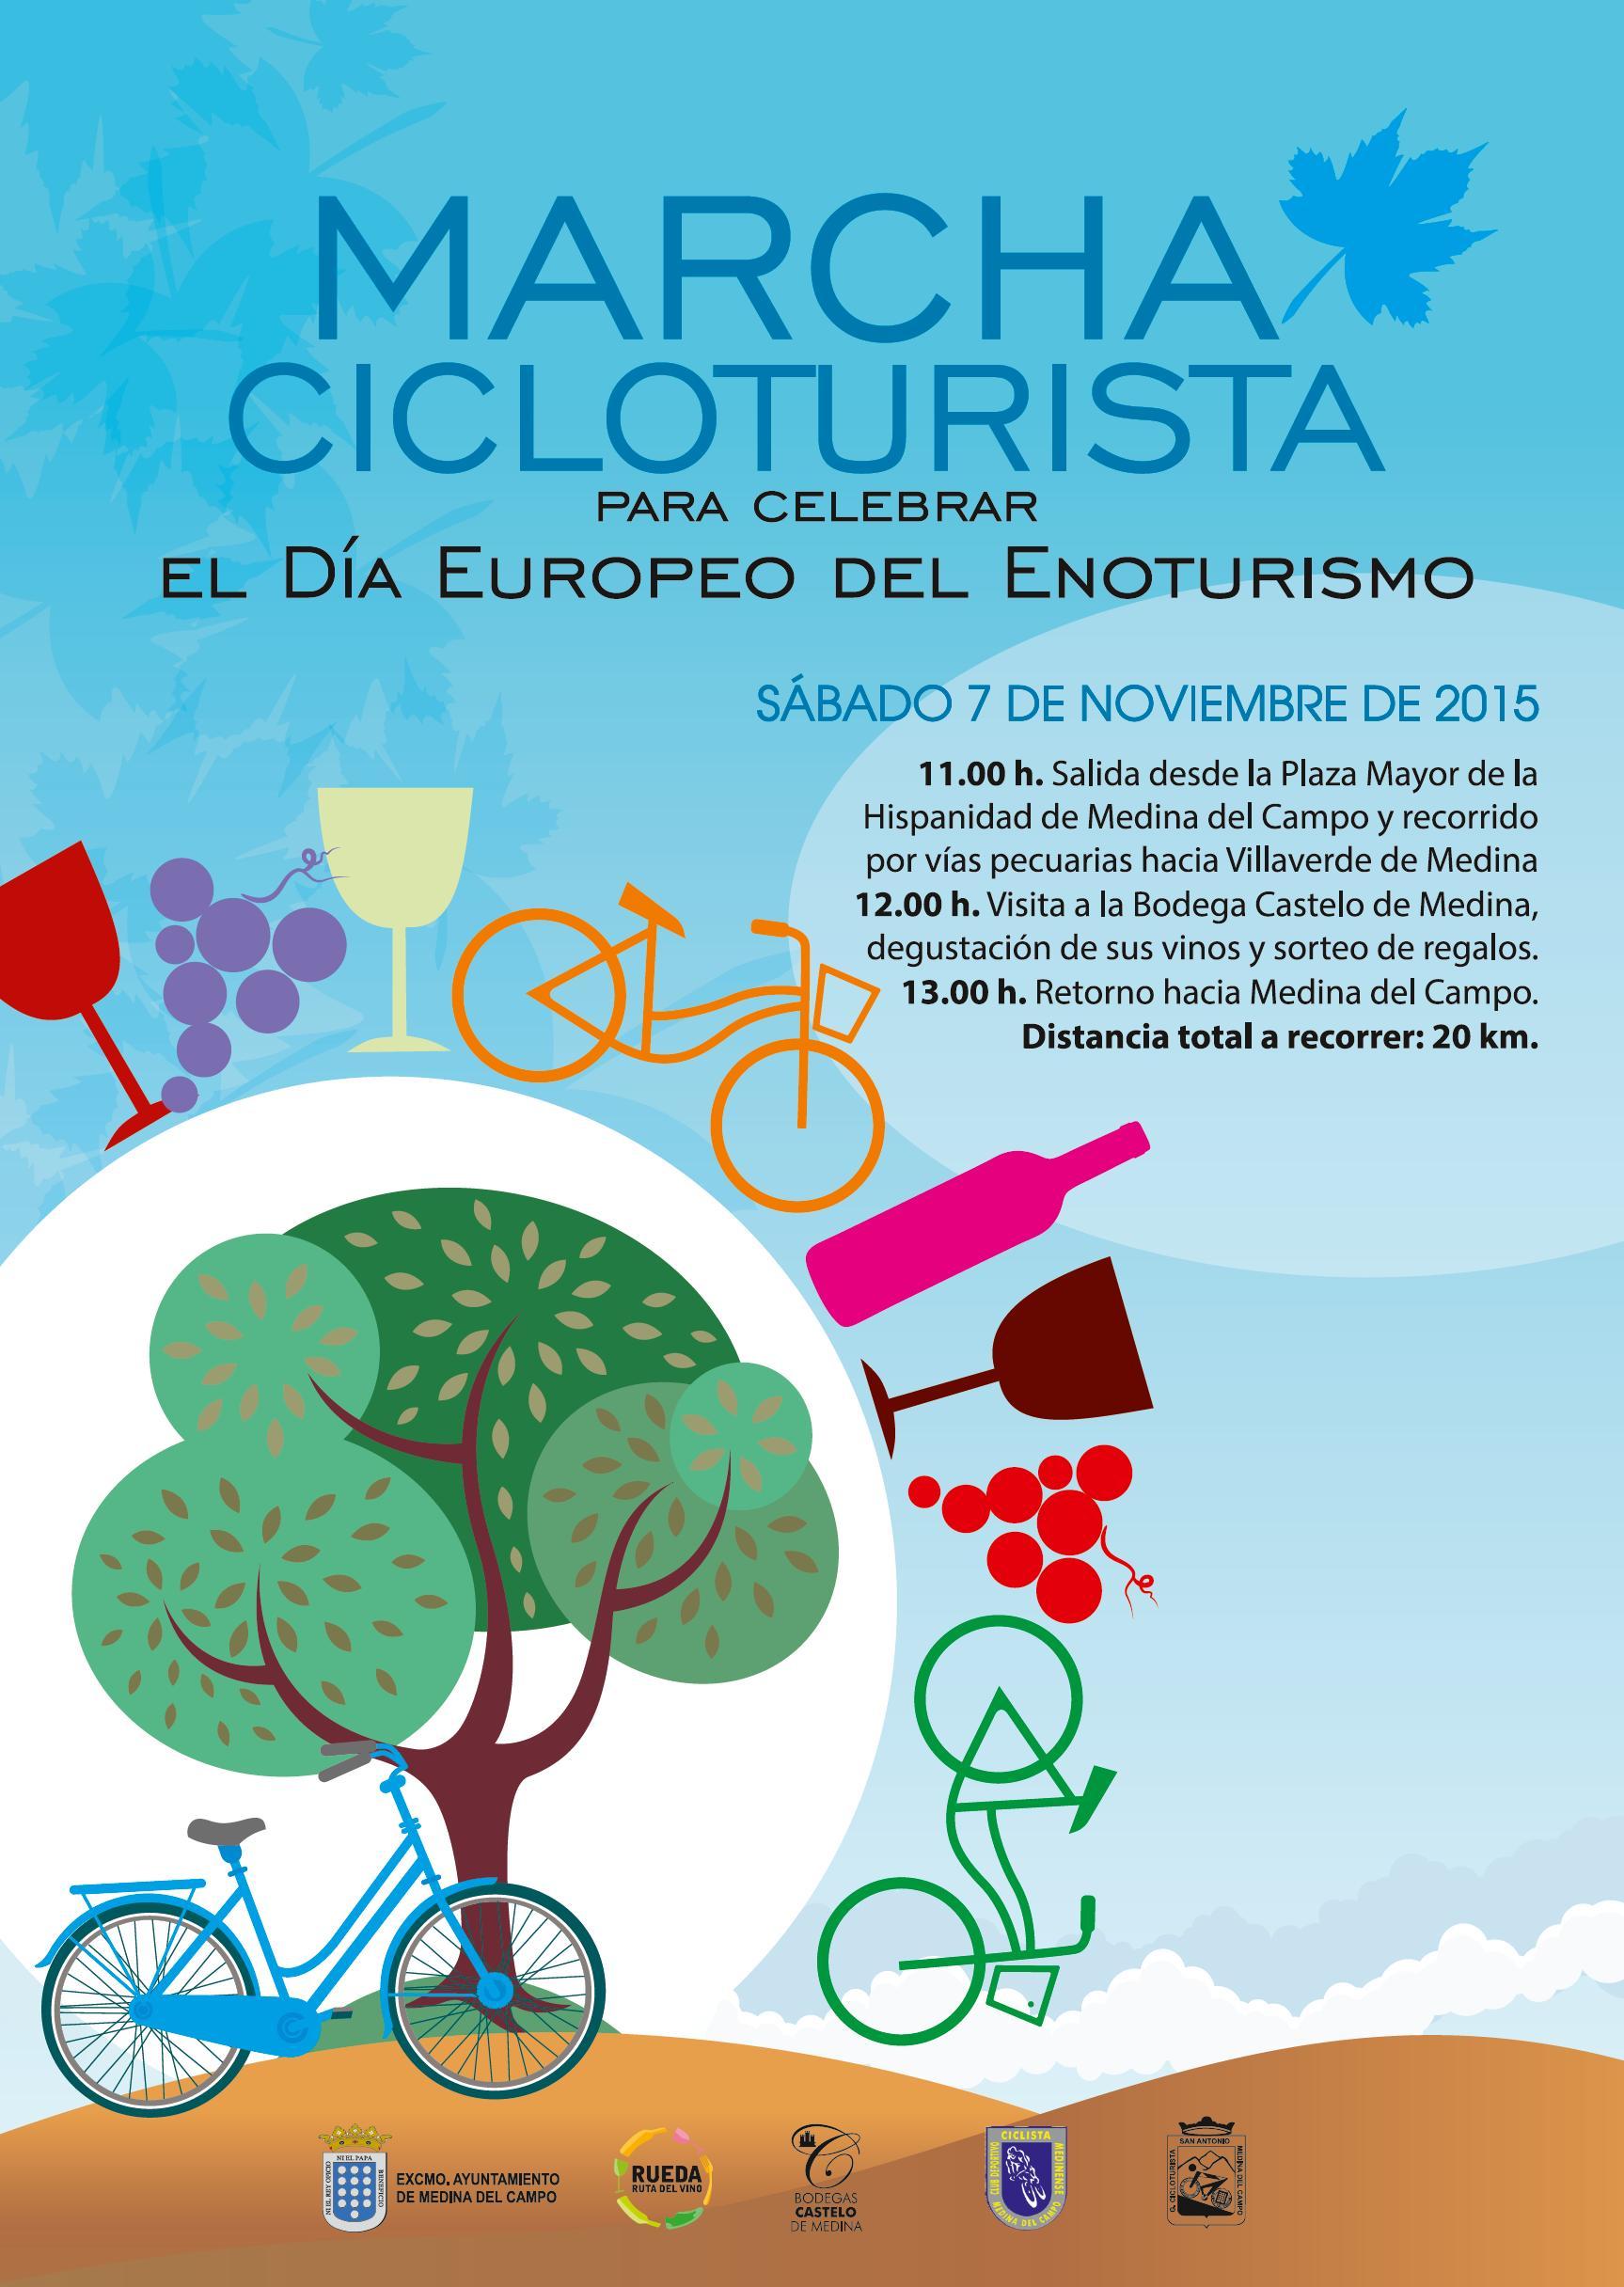 Marcha cicloturista día enoturismo 2015